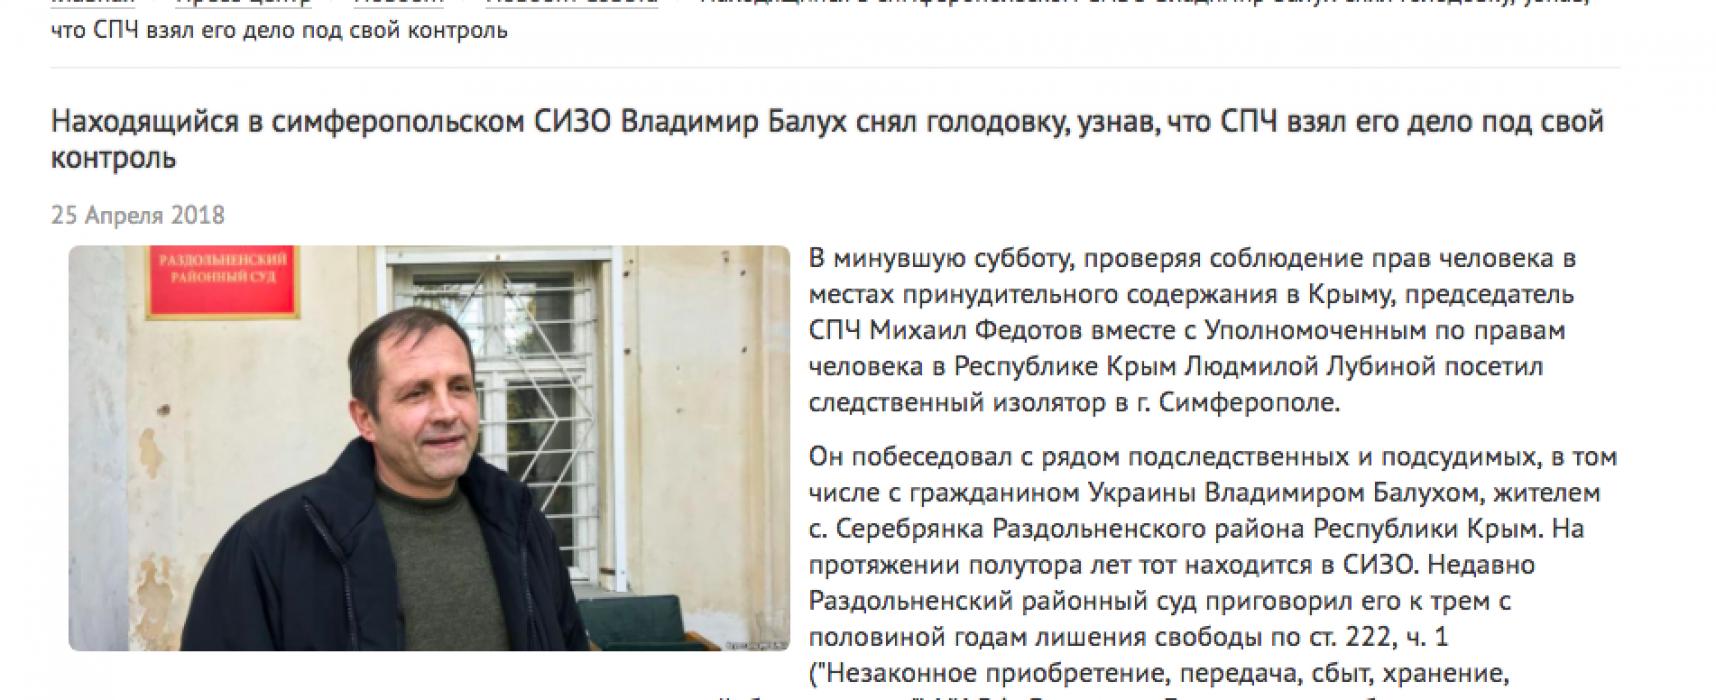 Фейк: політв'язень Володимир Балух припинив голодування